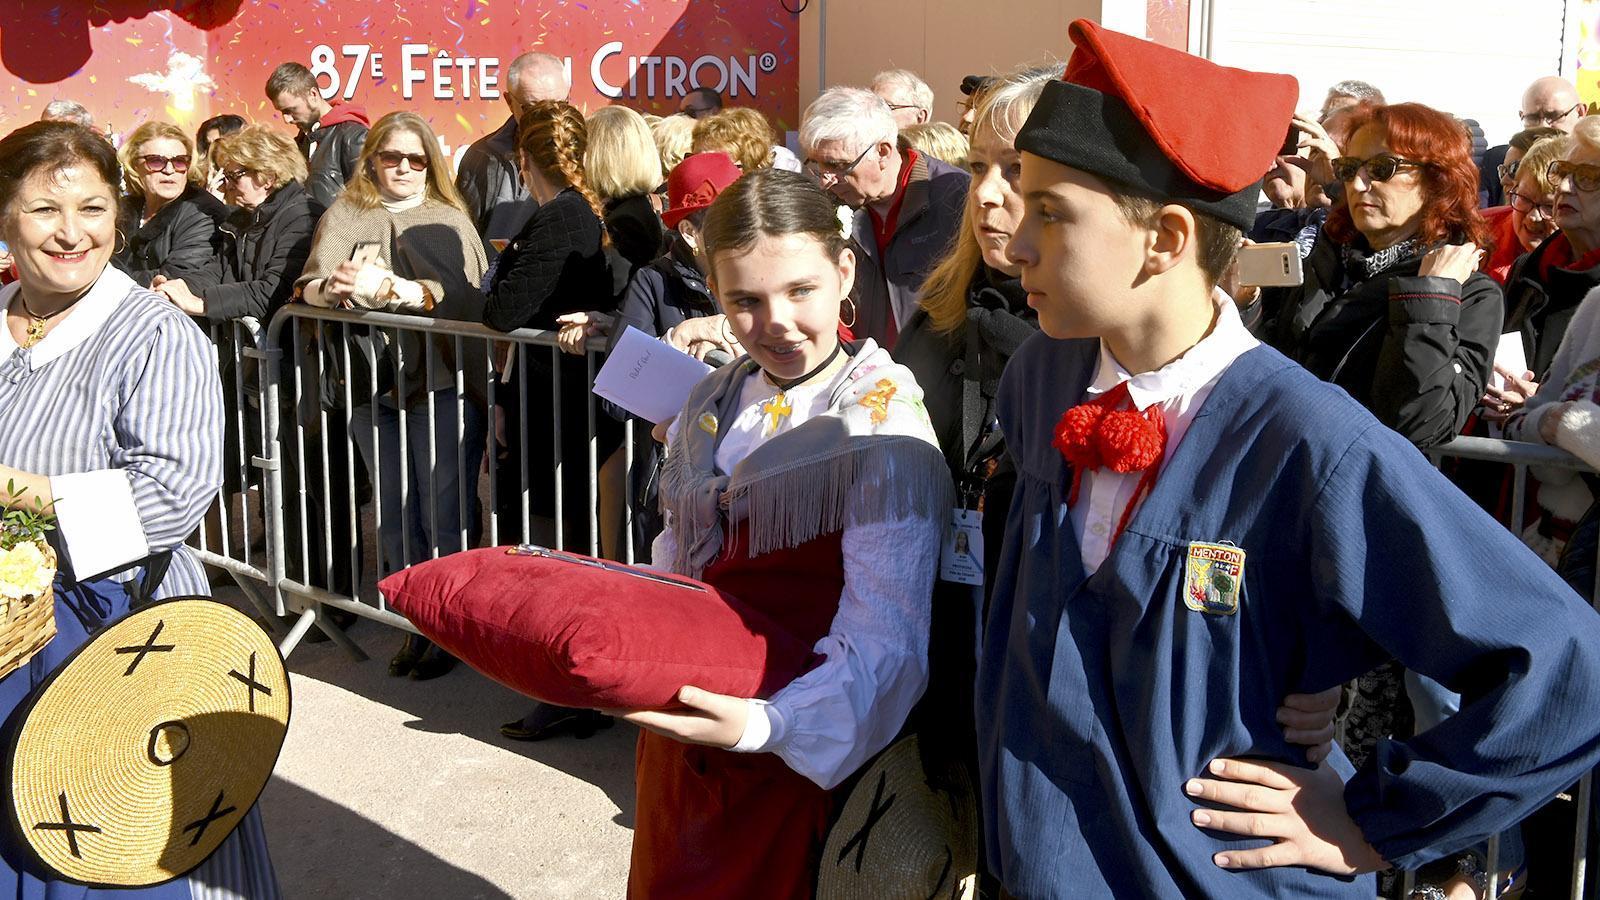 Fête du Citron: die Schere für die offizielle Eröffnung, auf einem Kissen getragen von einheimischen Schulkindern. Foto: Hilke Maunder